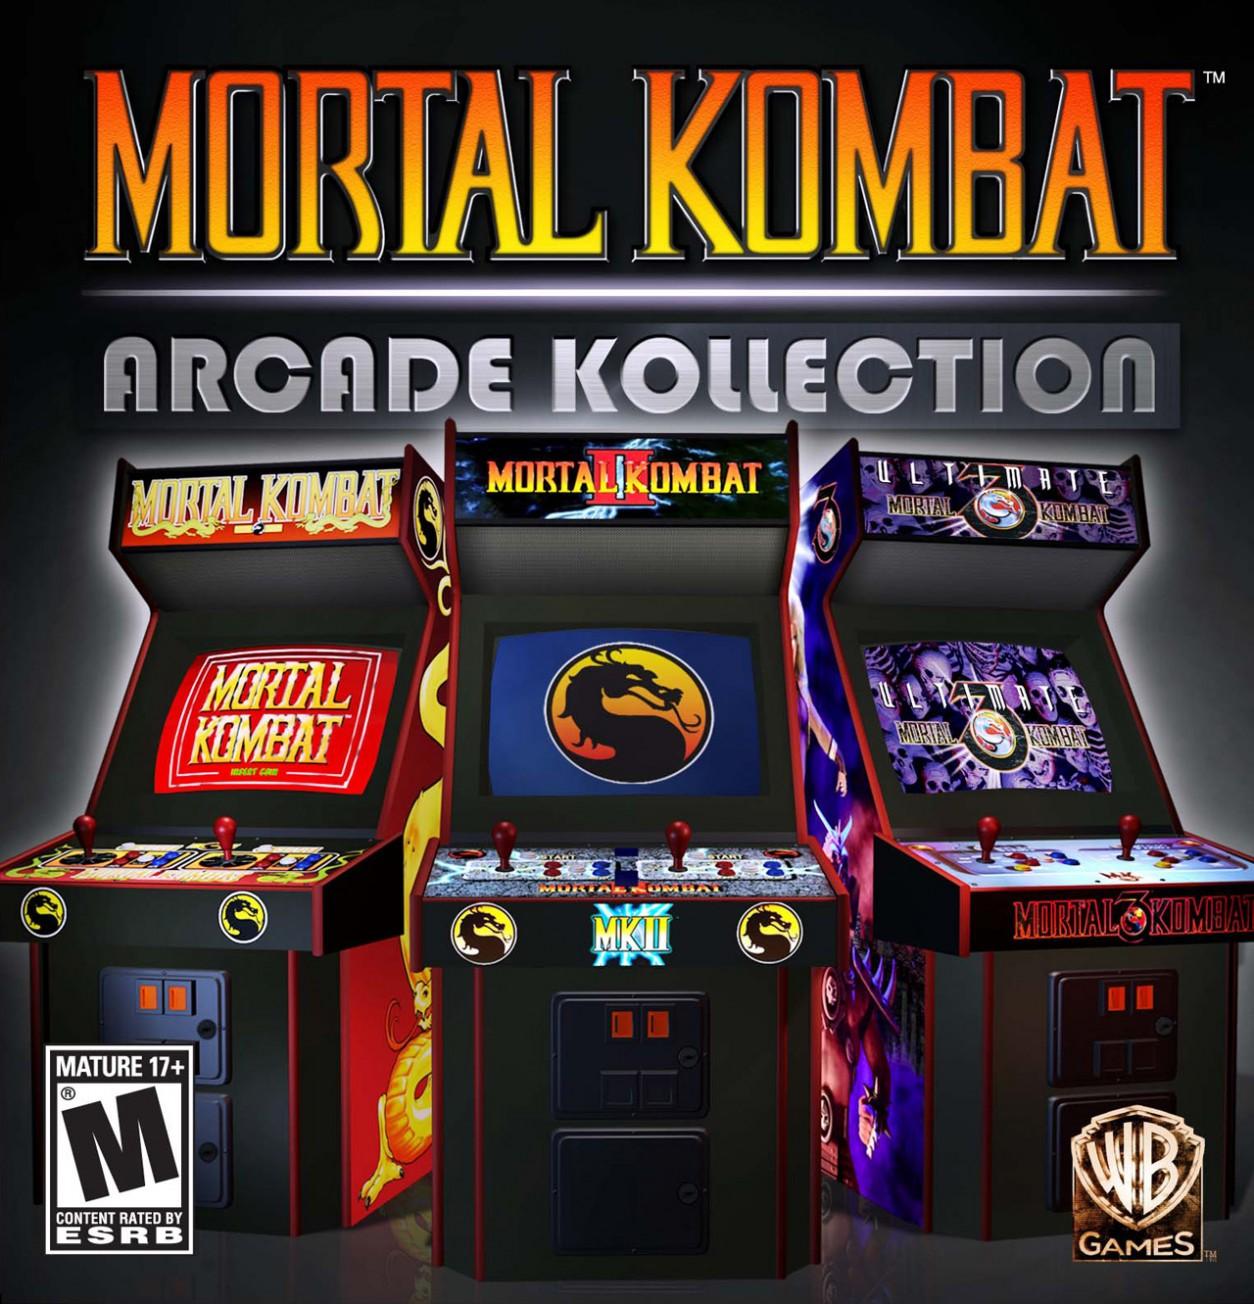 Mortal Kombat Arcade Kollection 2012 Free Download